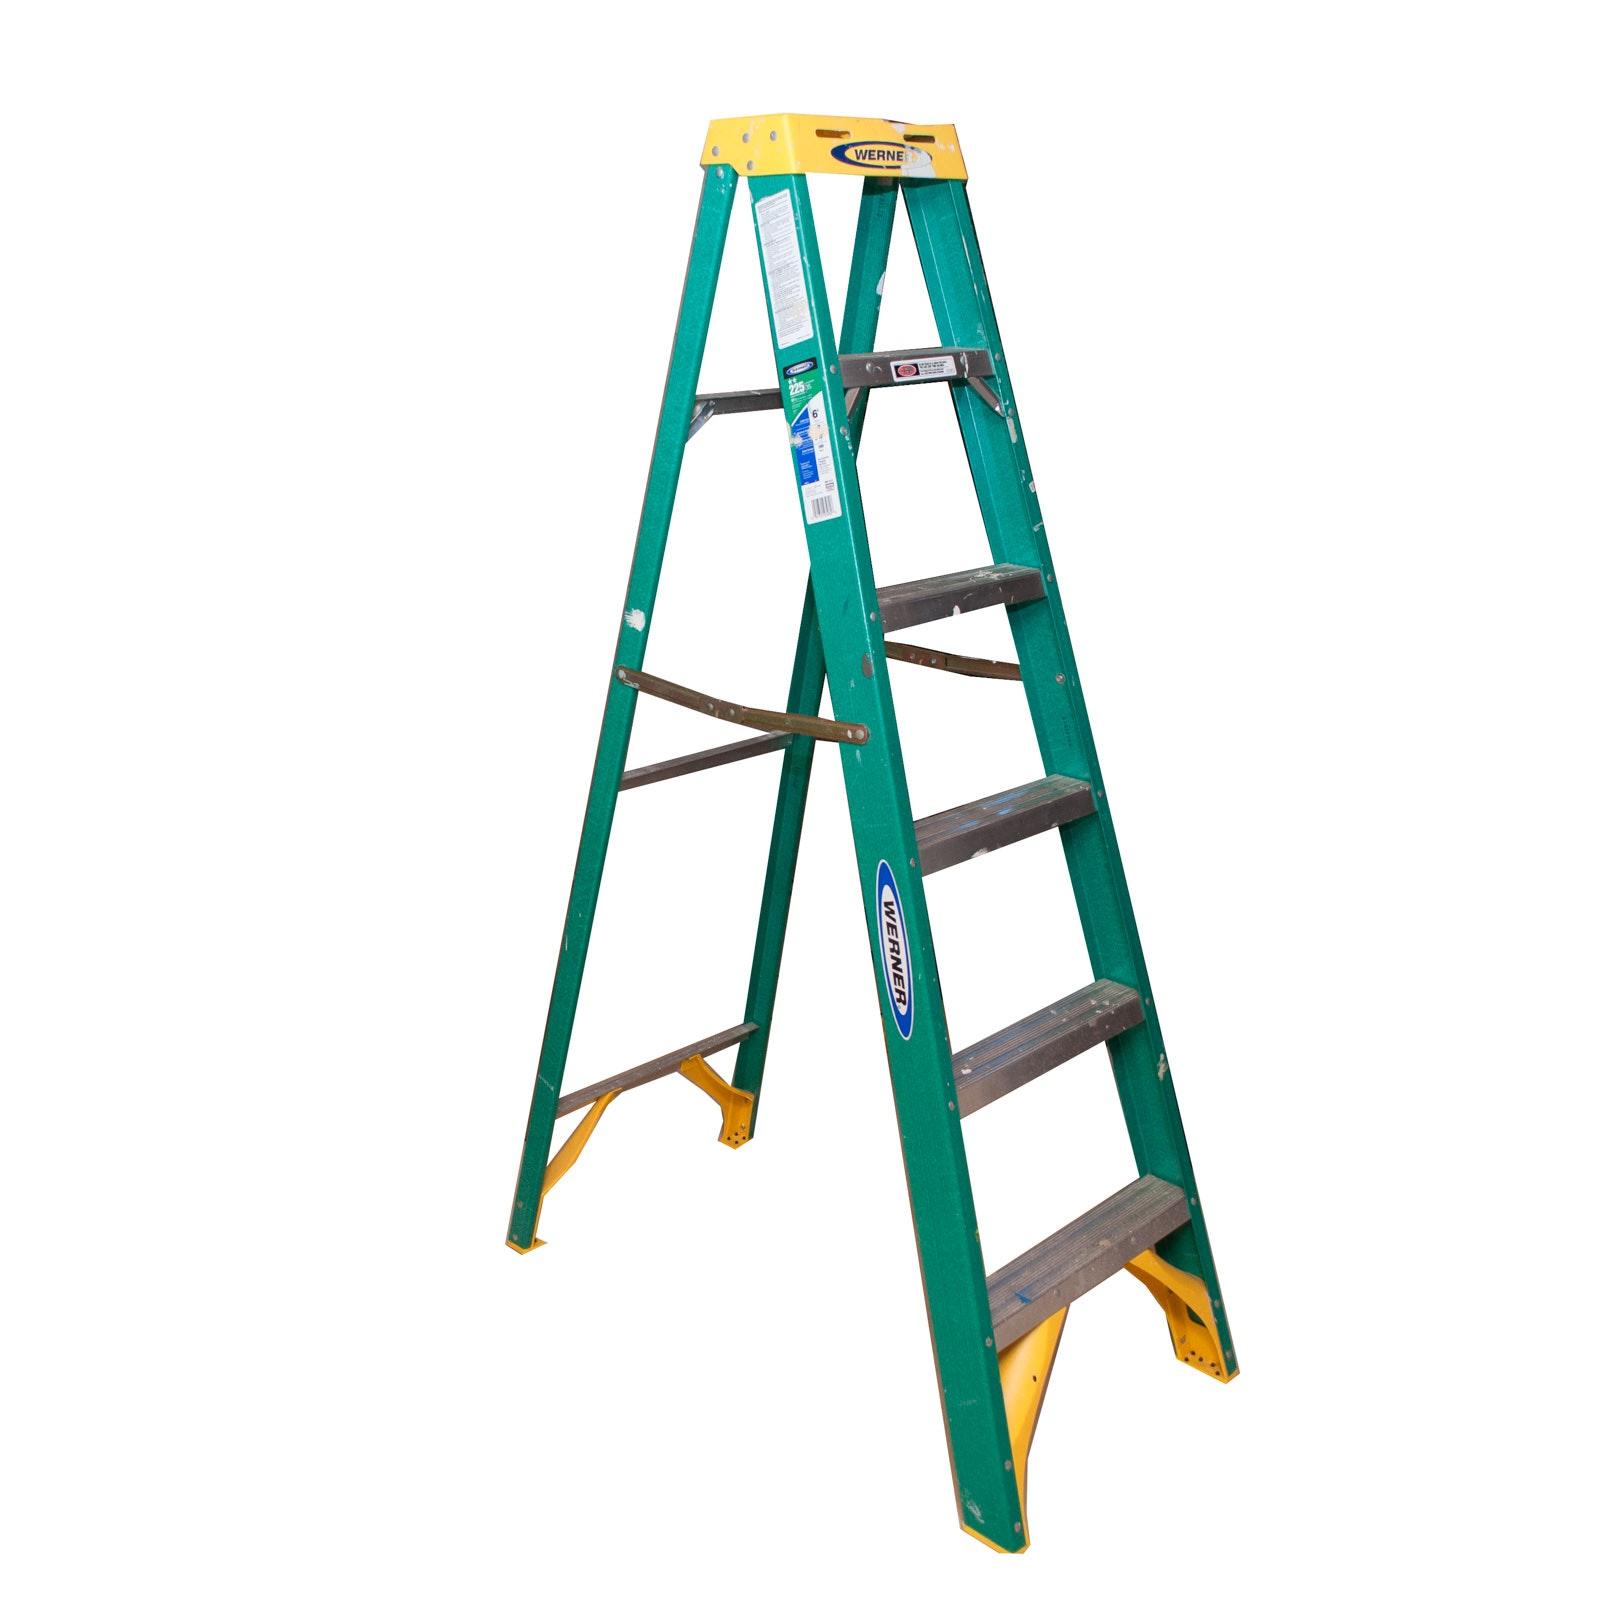 Werner Fiberglass Six Foot Step Ladder